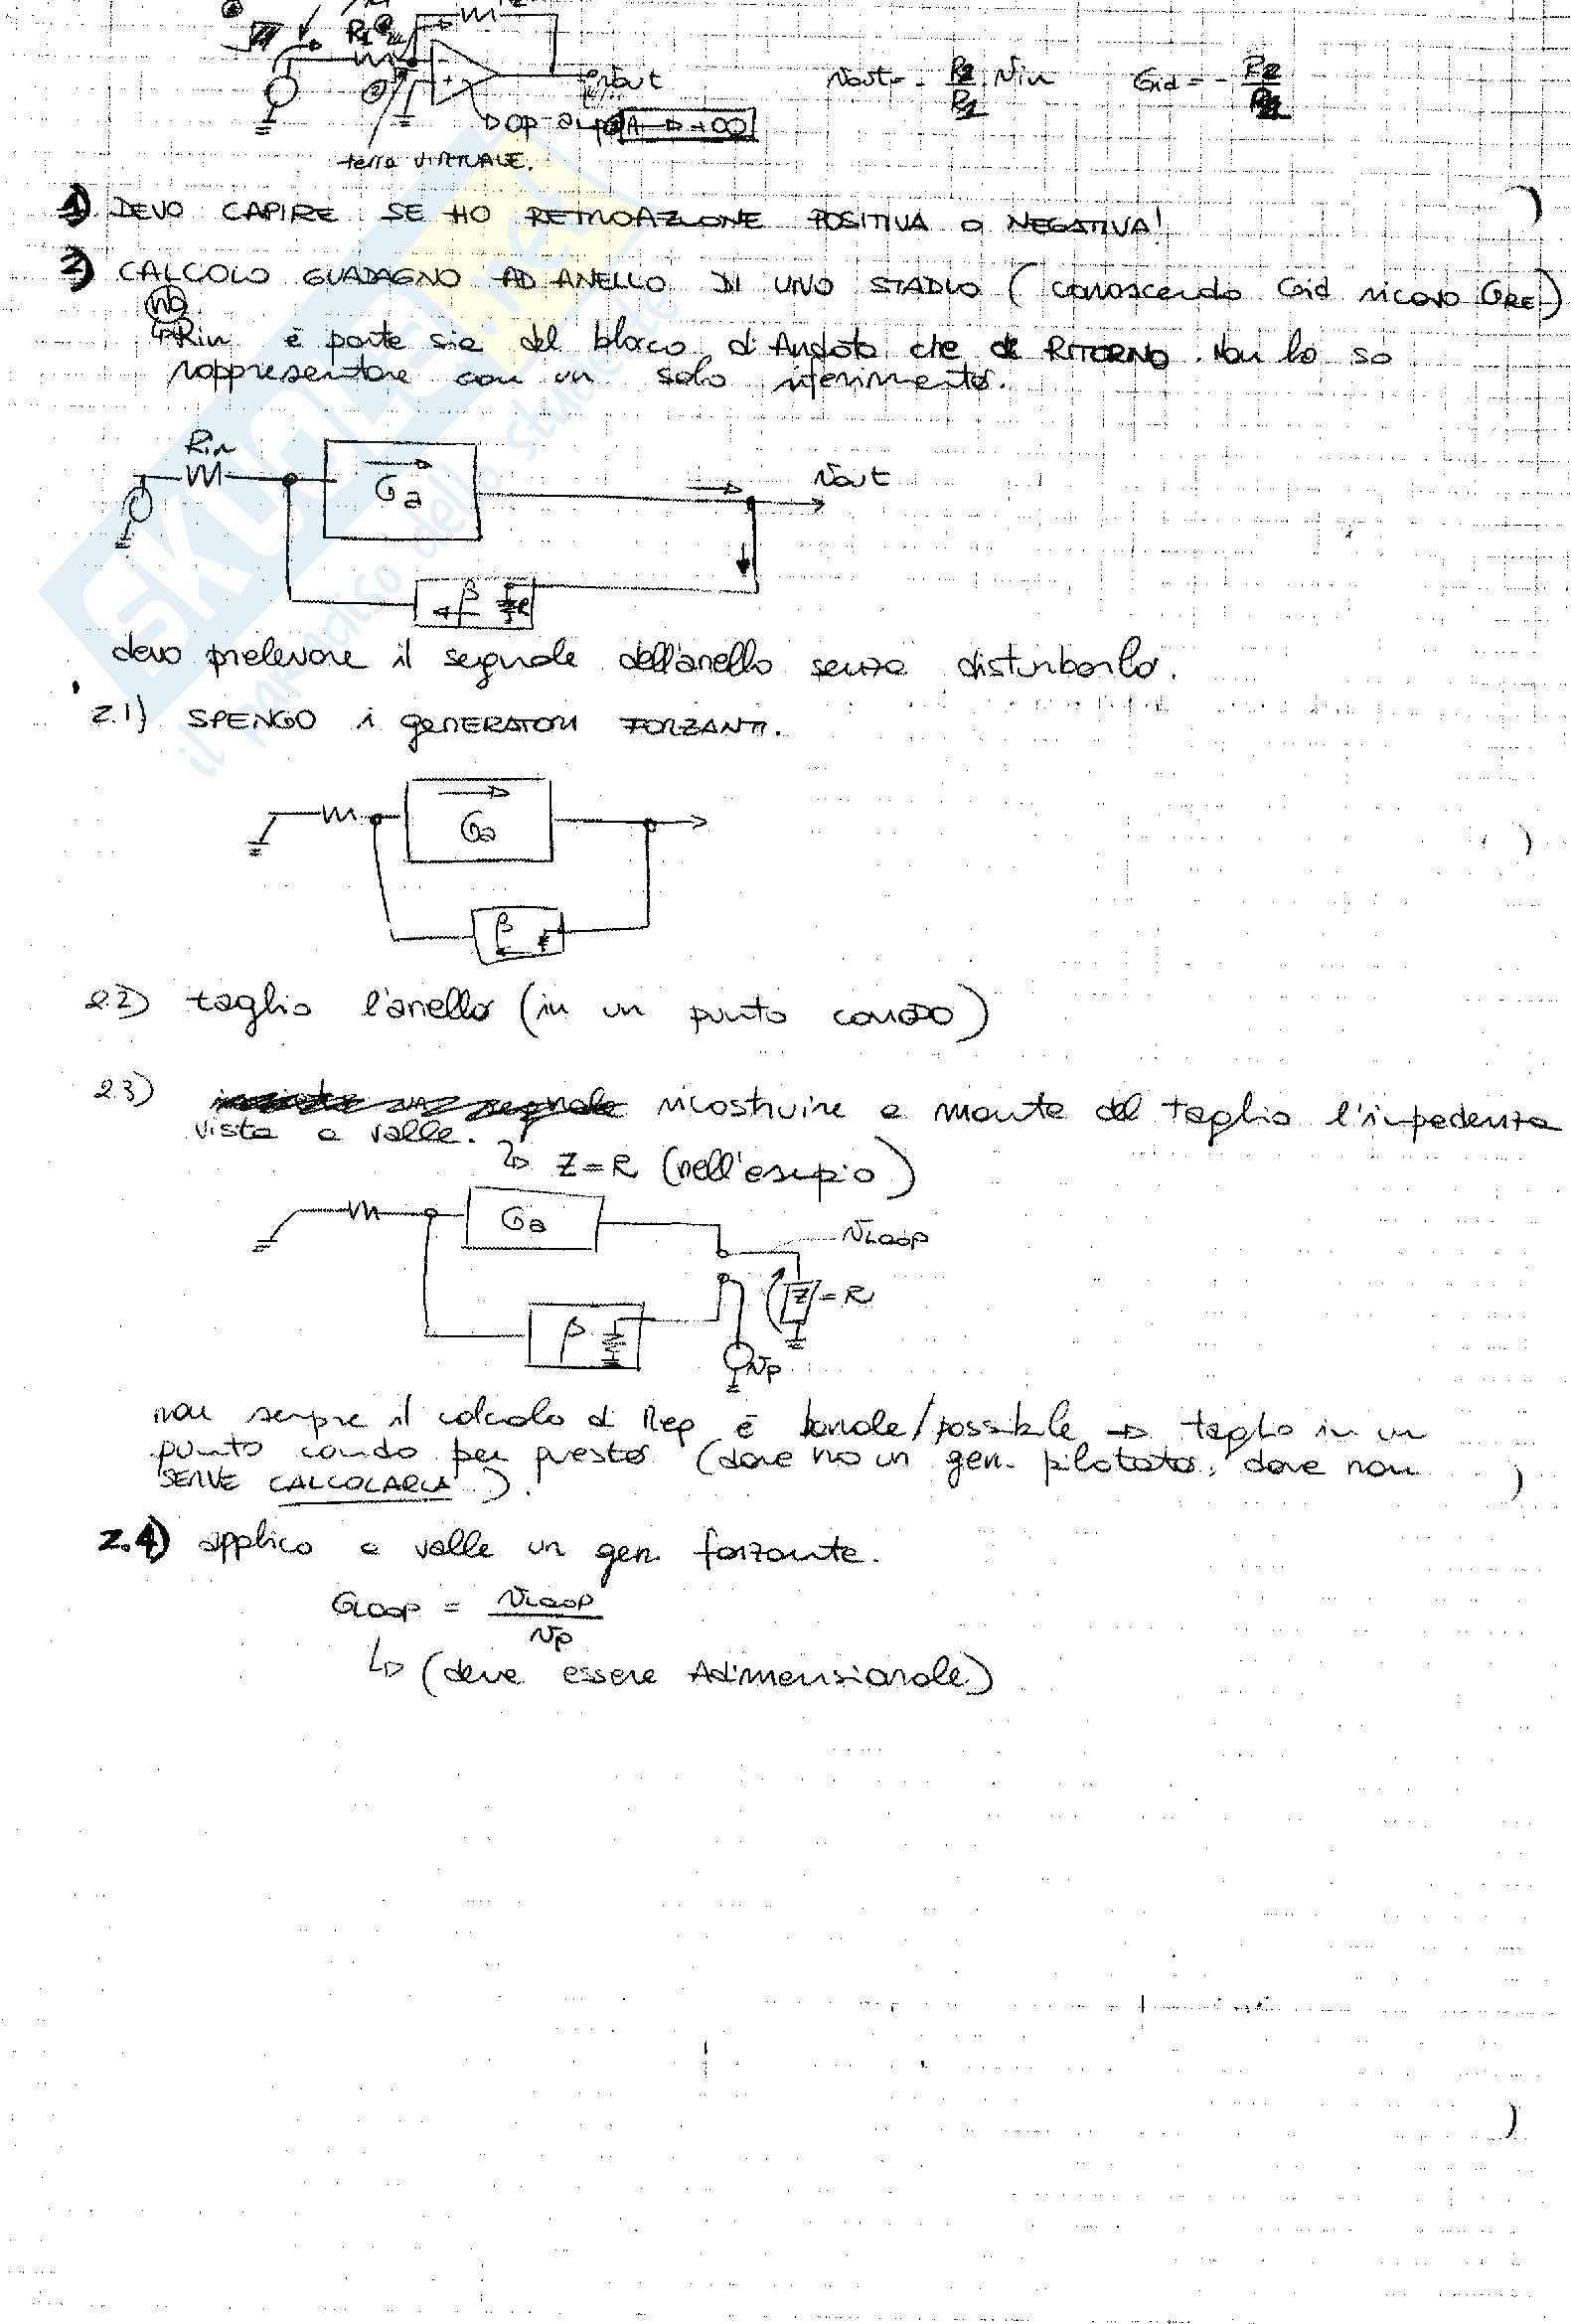 Fondamenti Di Elettronica Guazzoni Pag. 66